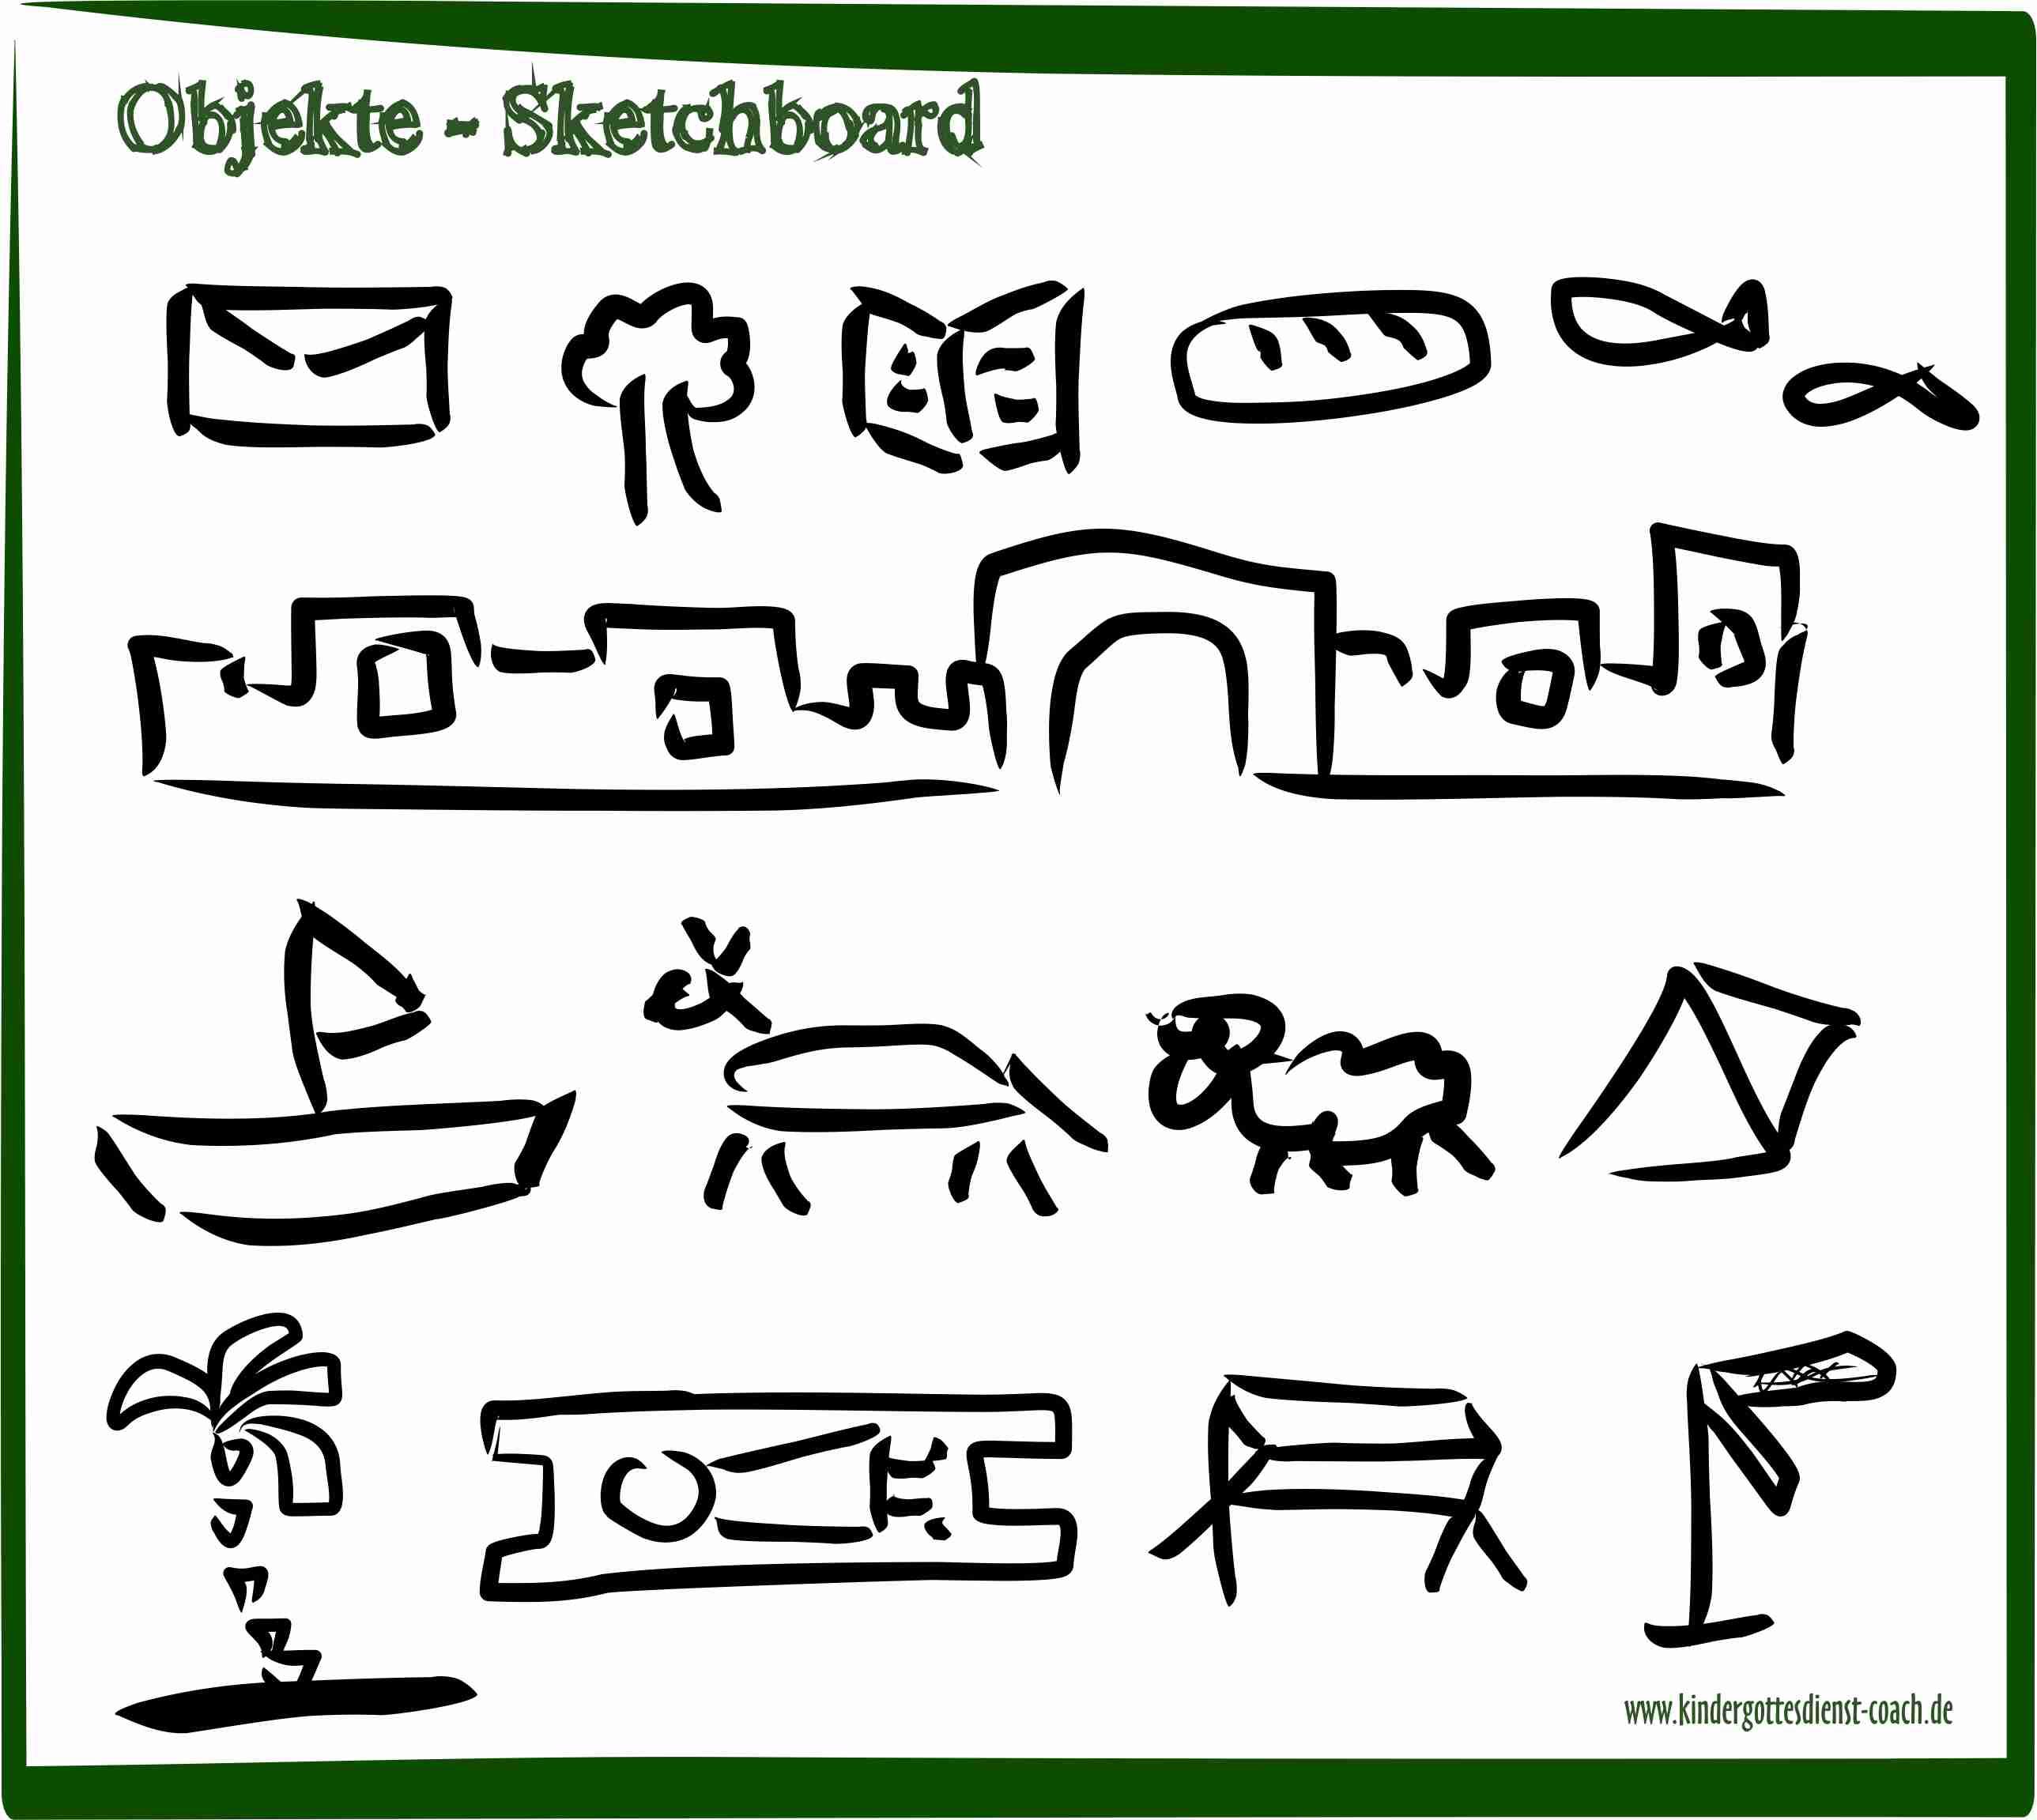 Sketchboard - biblische Geschichten erzählen durch malen